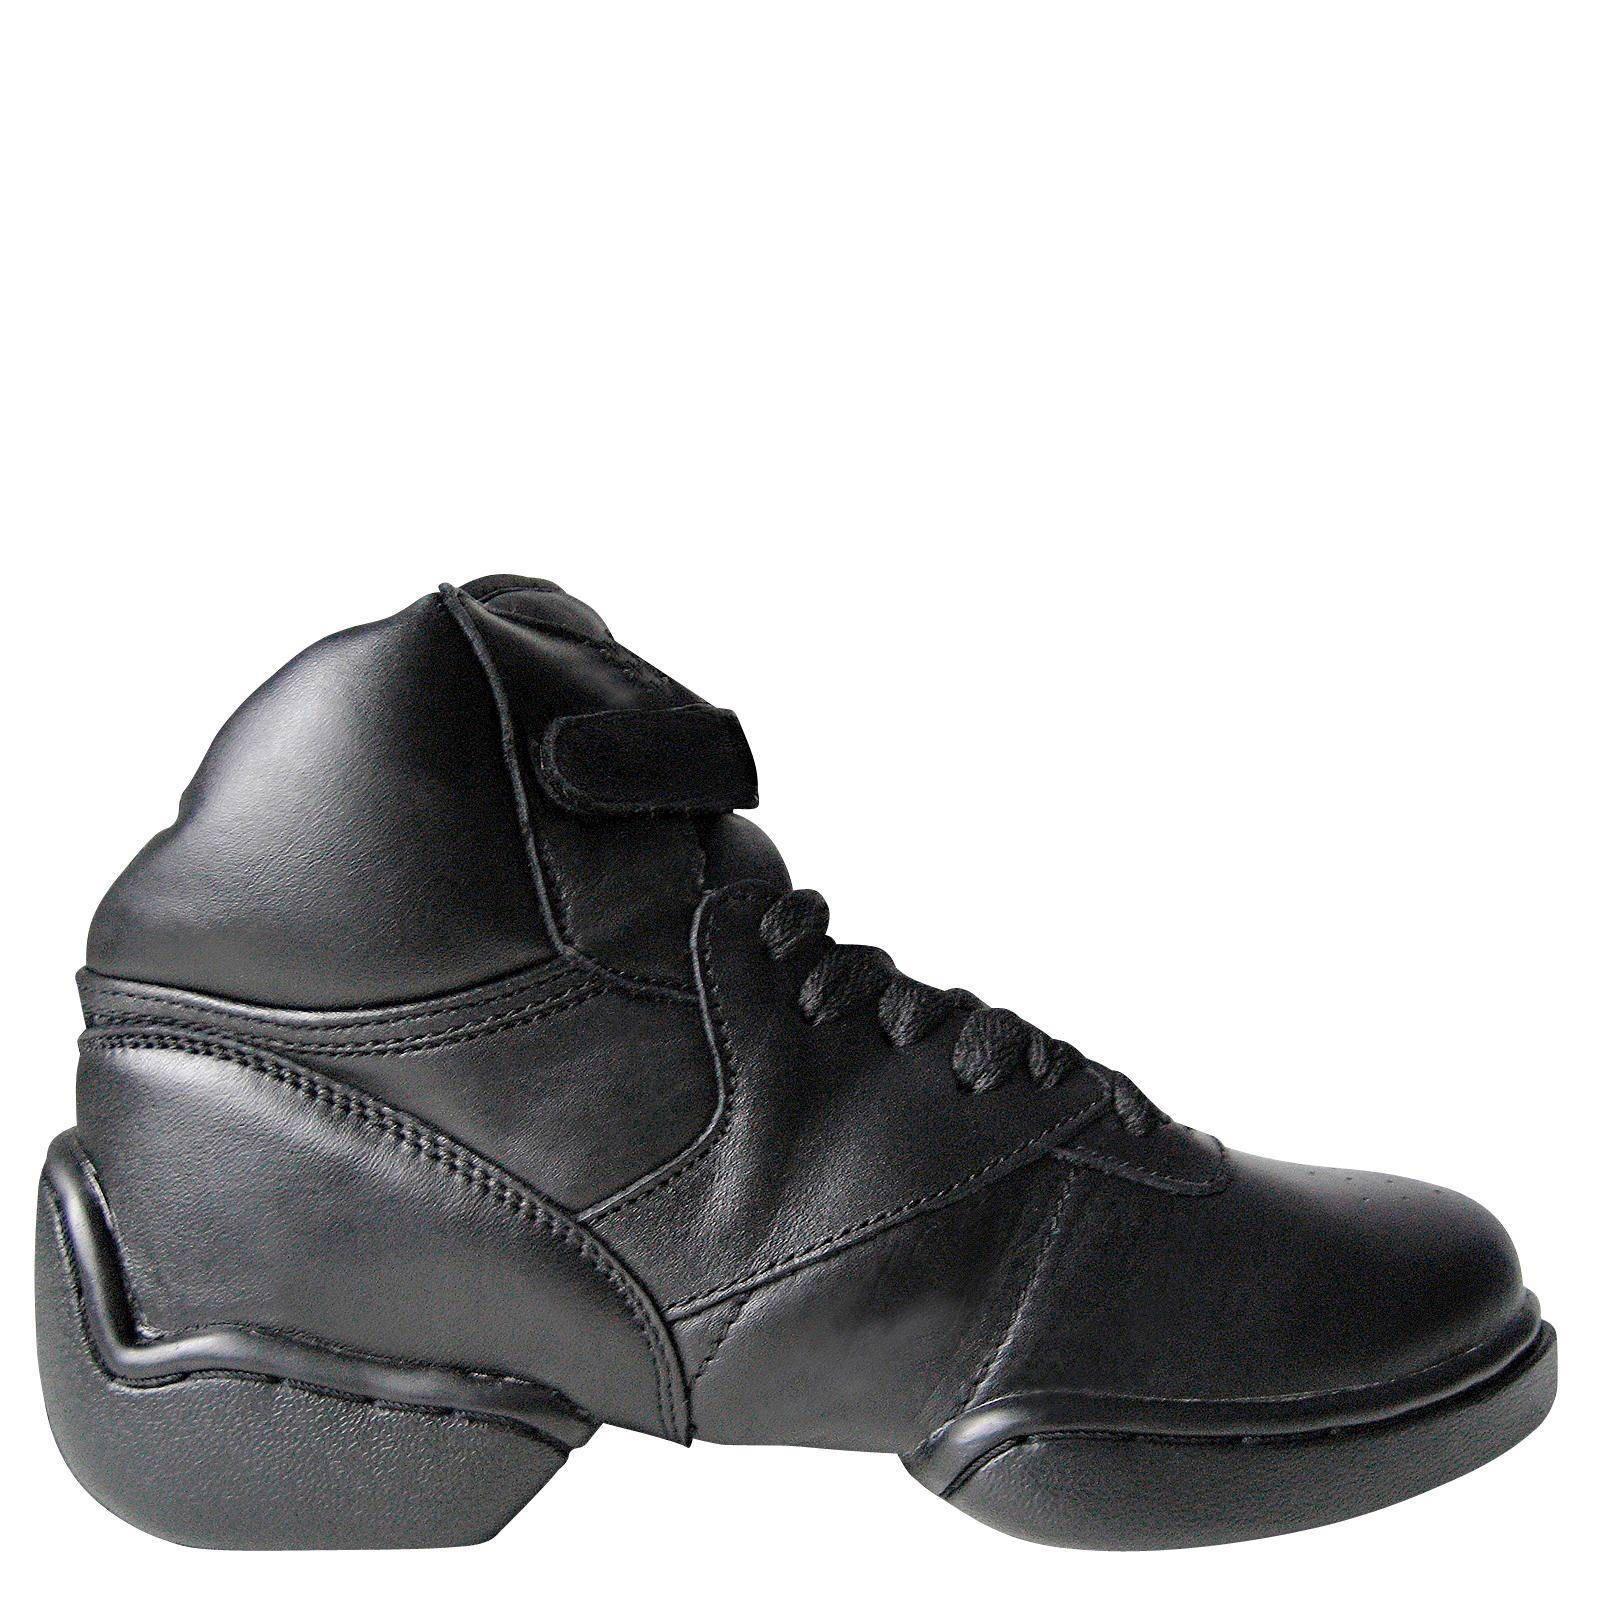 Femmes Chaussures De Danse Noir Papillon NfHPTKw7z4